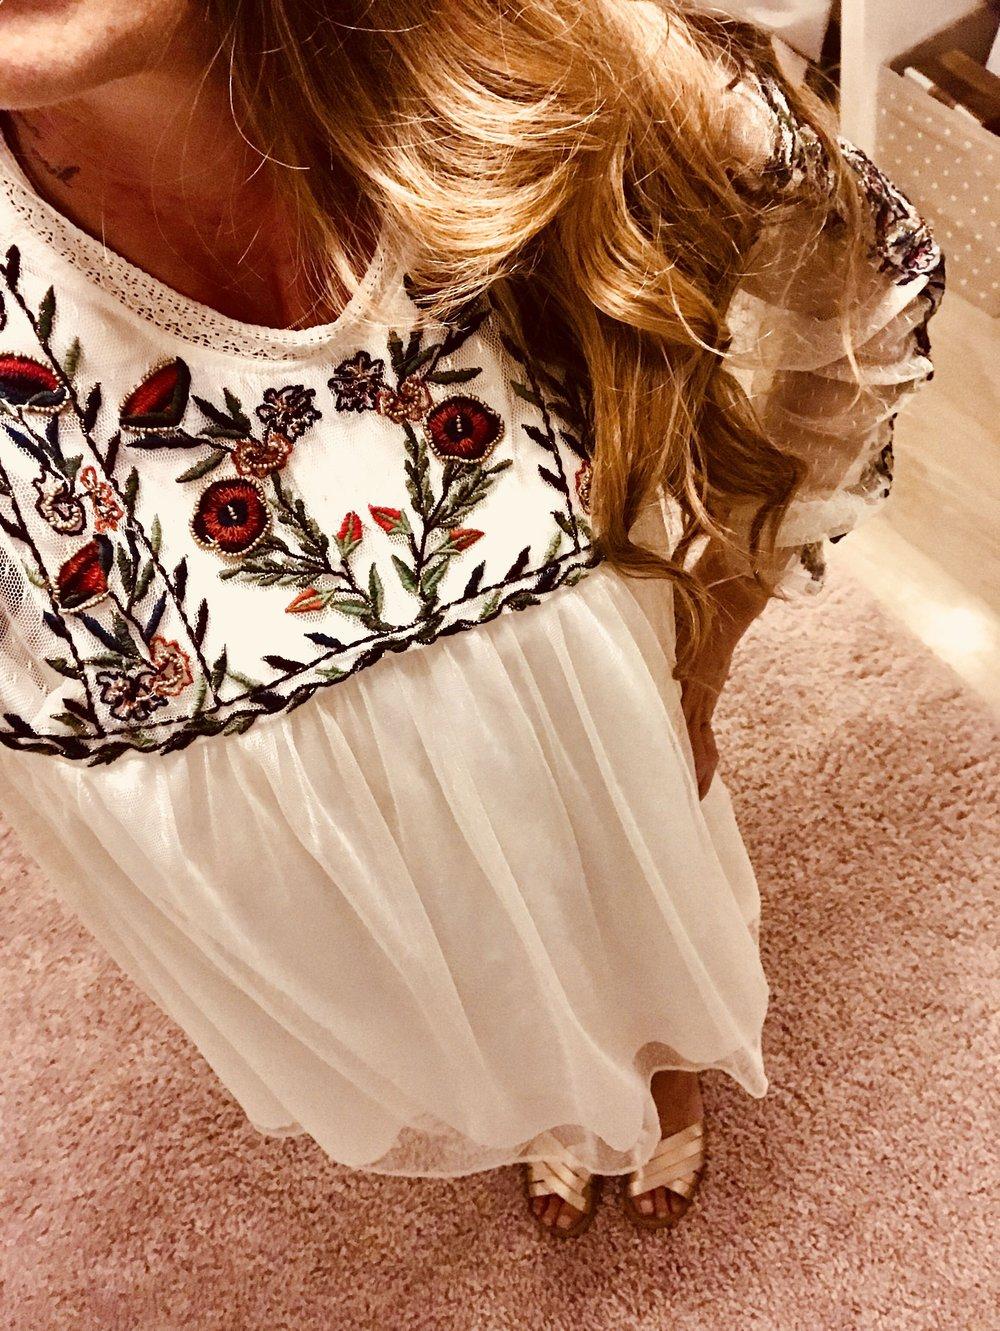 Zara Basic - Zara spitze Kleid wie neu einmal getragen super süß ...